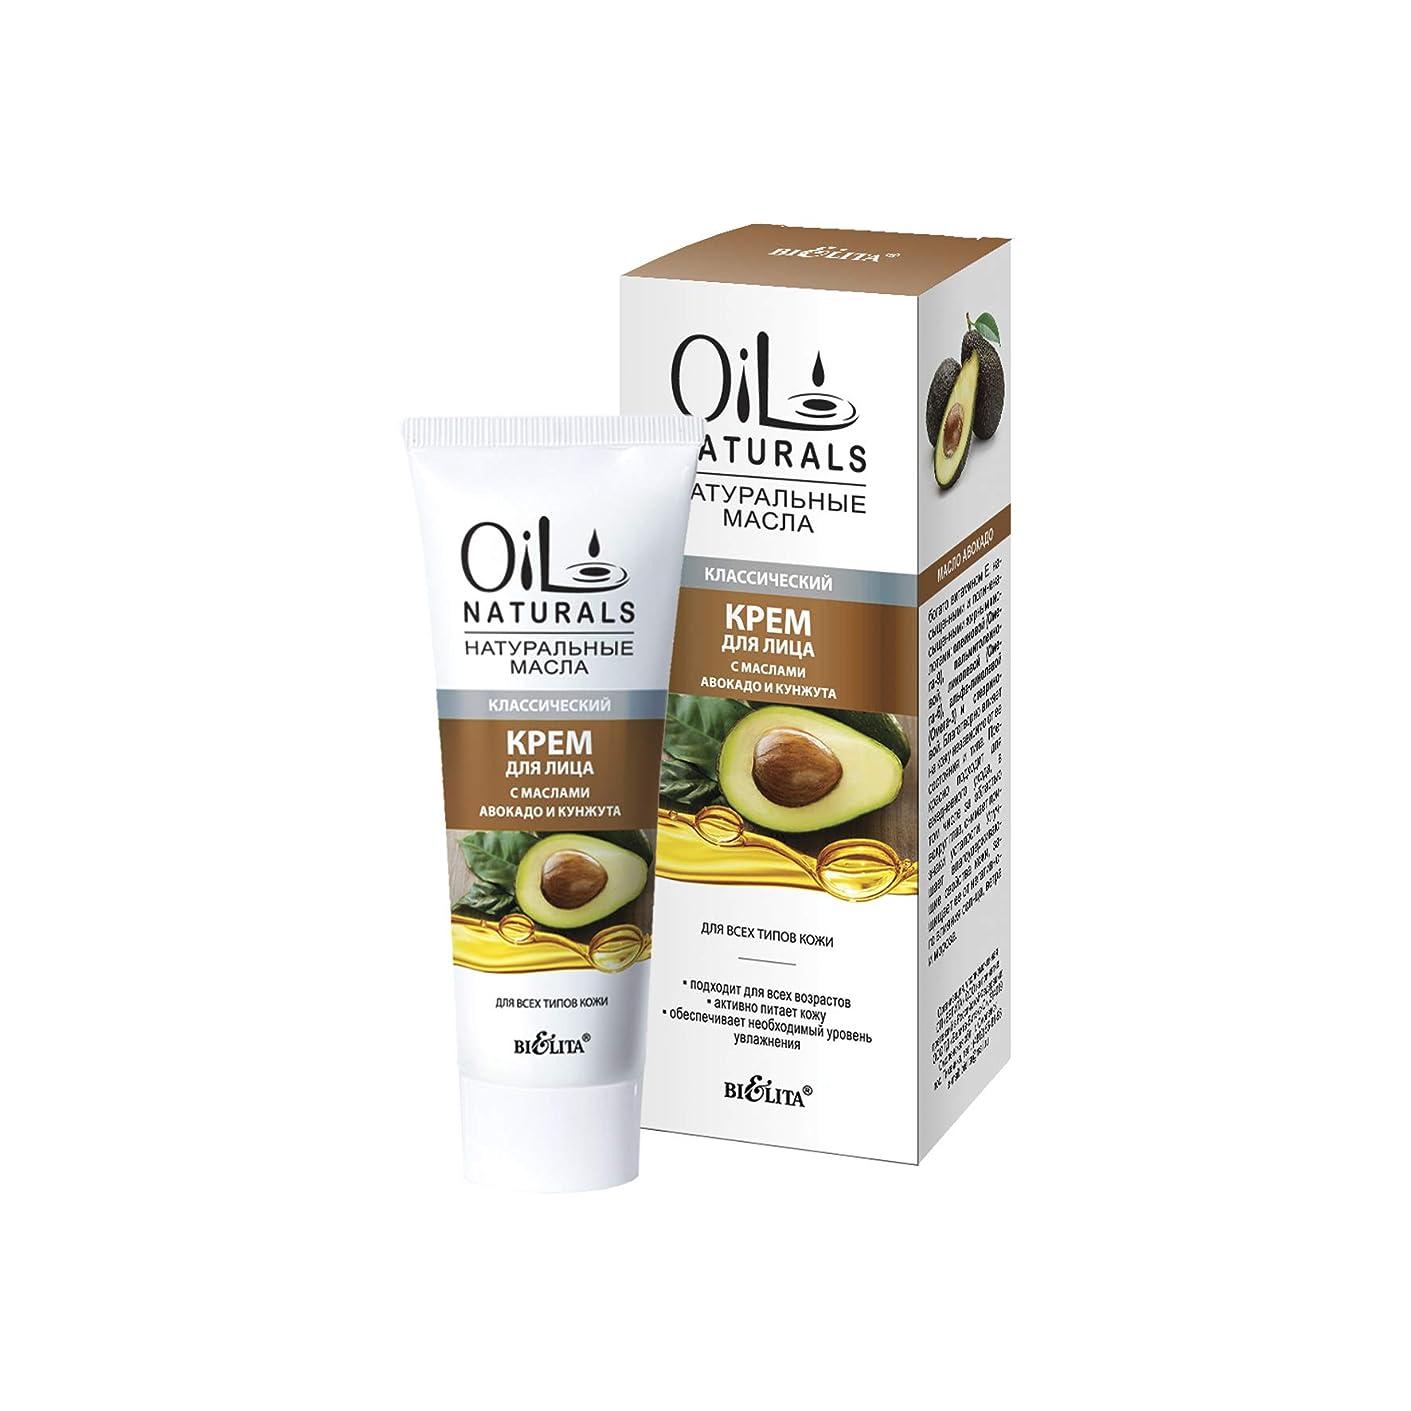 楽観取得花Bielita & Vitex |Oil Naturals Line | Classic Moisturizing Face Cream, for All Skin Types, 50 ml | Avocado Oil, Silk Proteins, Sesame Oil, Vitamins